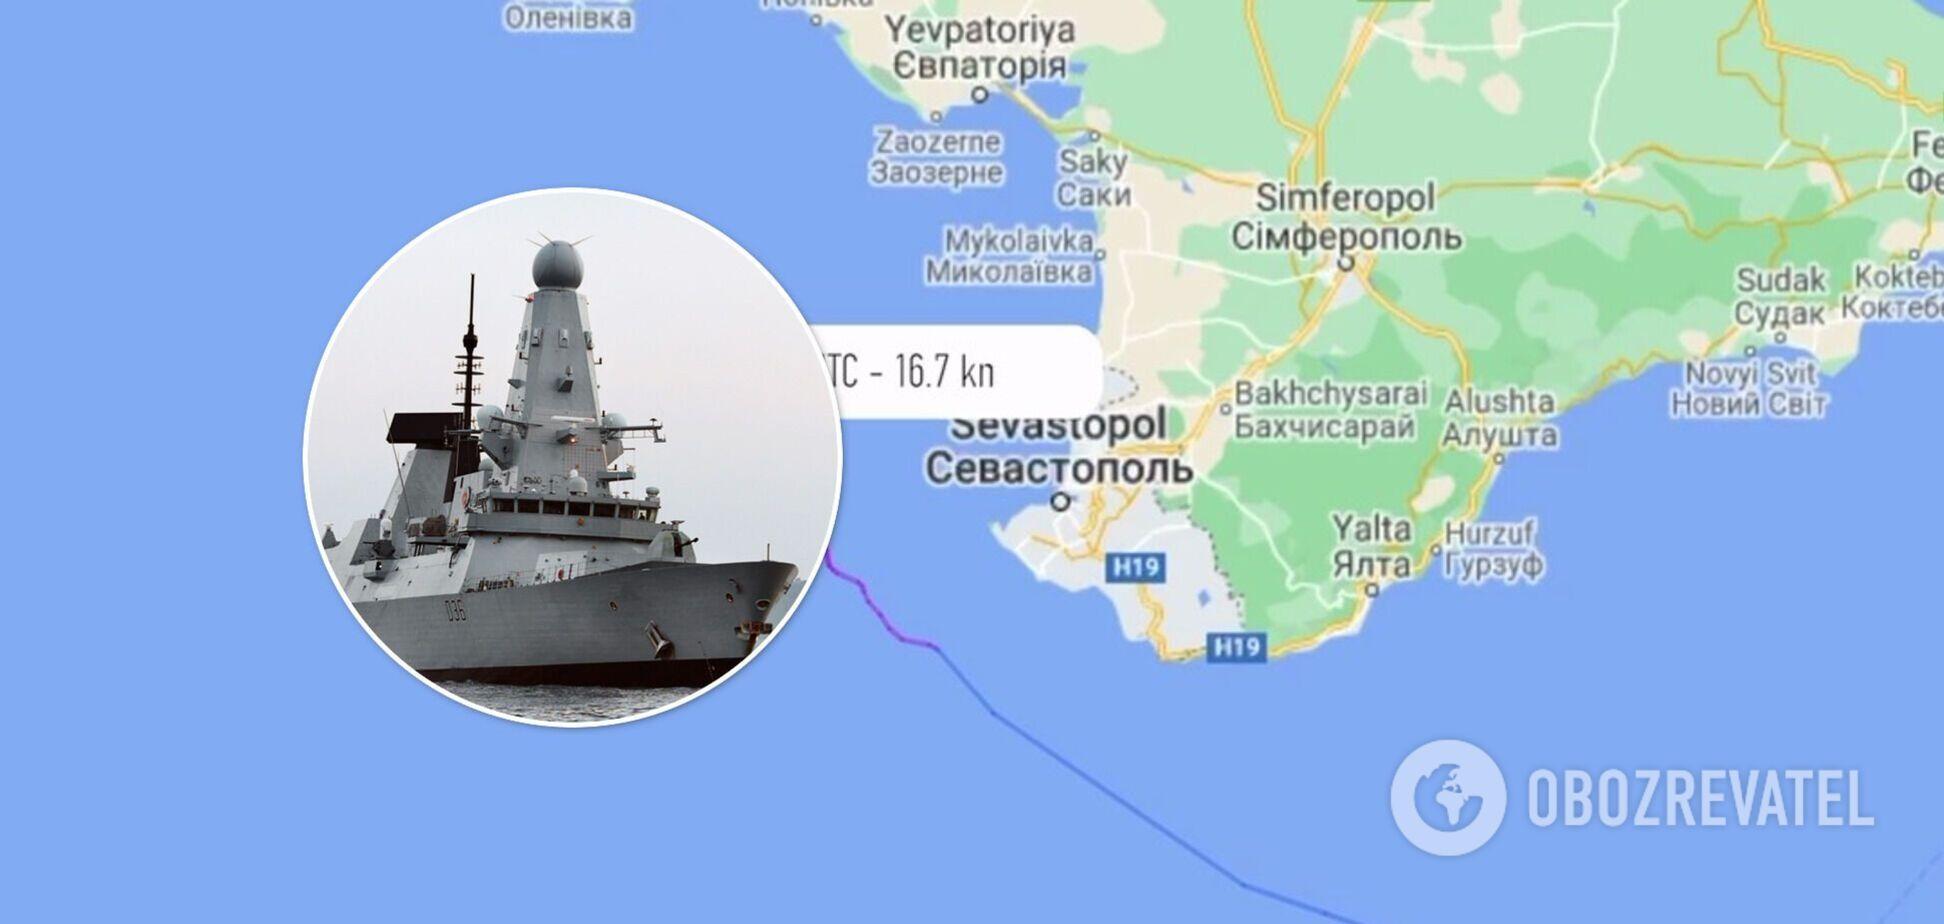 Британський есмінець Defender пройшов біля берегів окупованого Криму: відео траєкторії руху